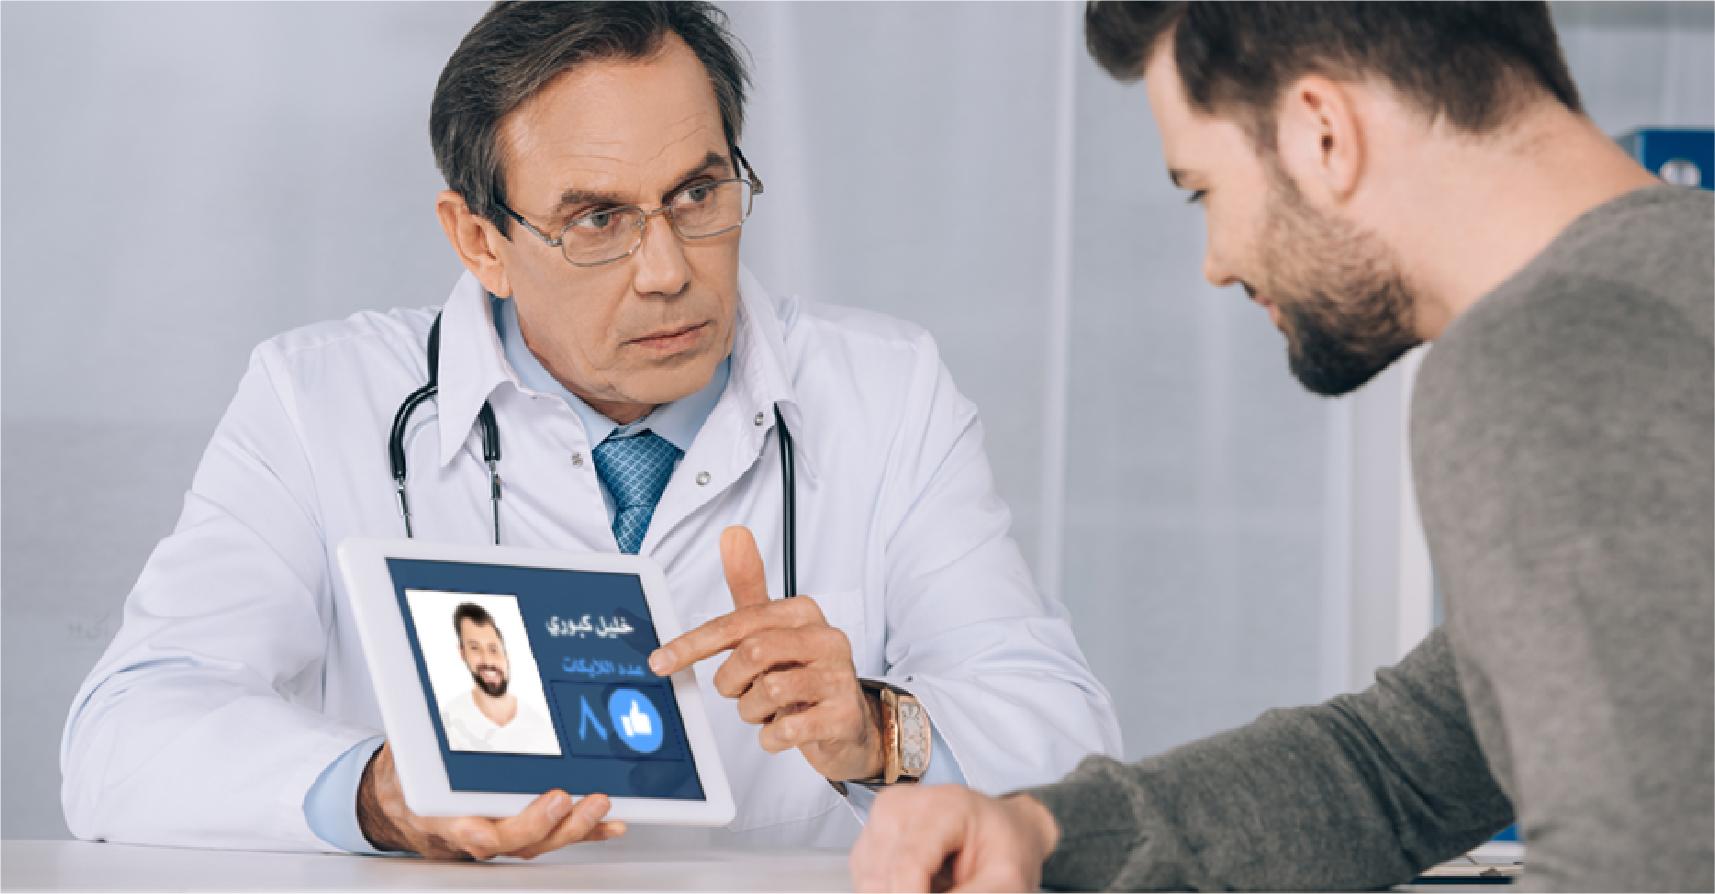 صورة وزارة الصحة تدرج اللايكات على صور المرضى ضمن الخدمات الطبية التي تقدّمها للمواطنين في مستشفياتها